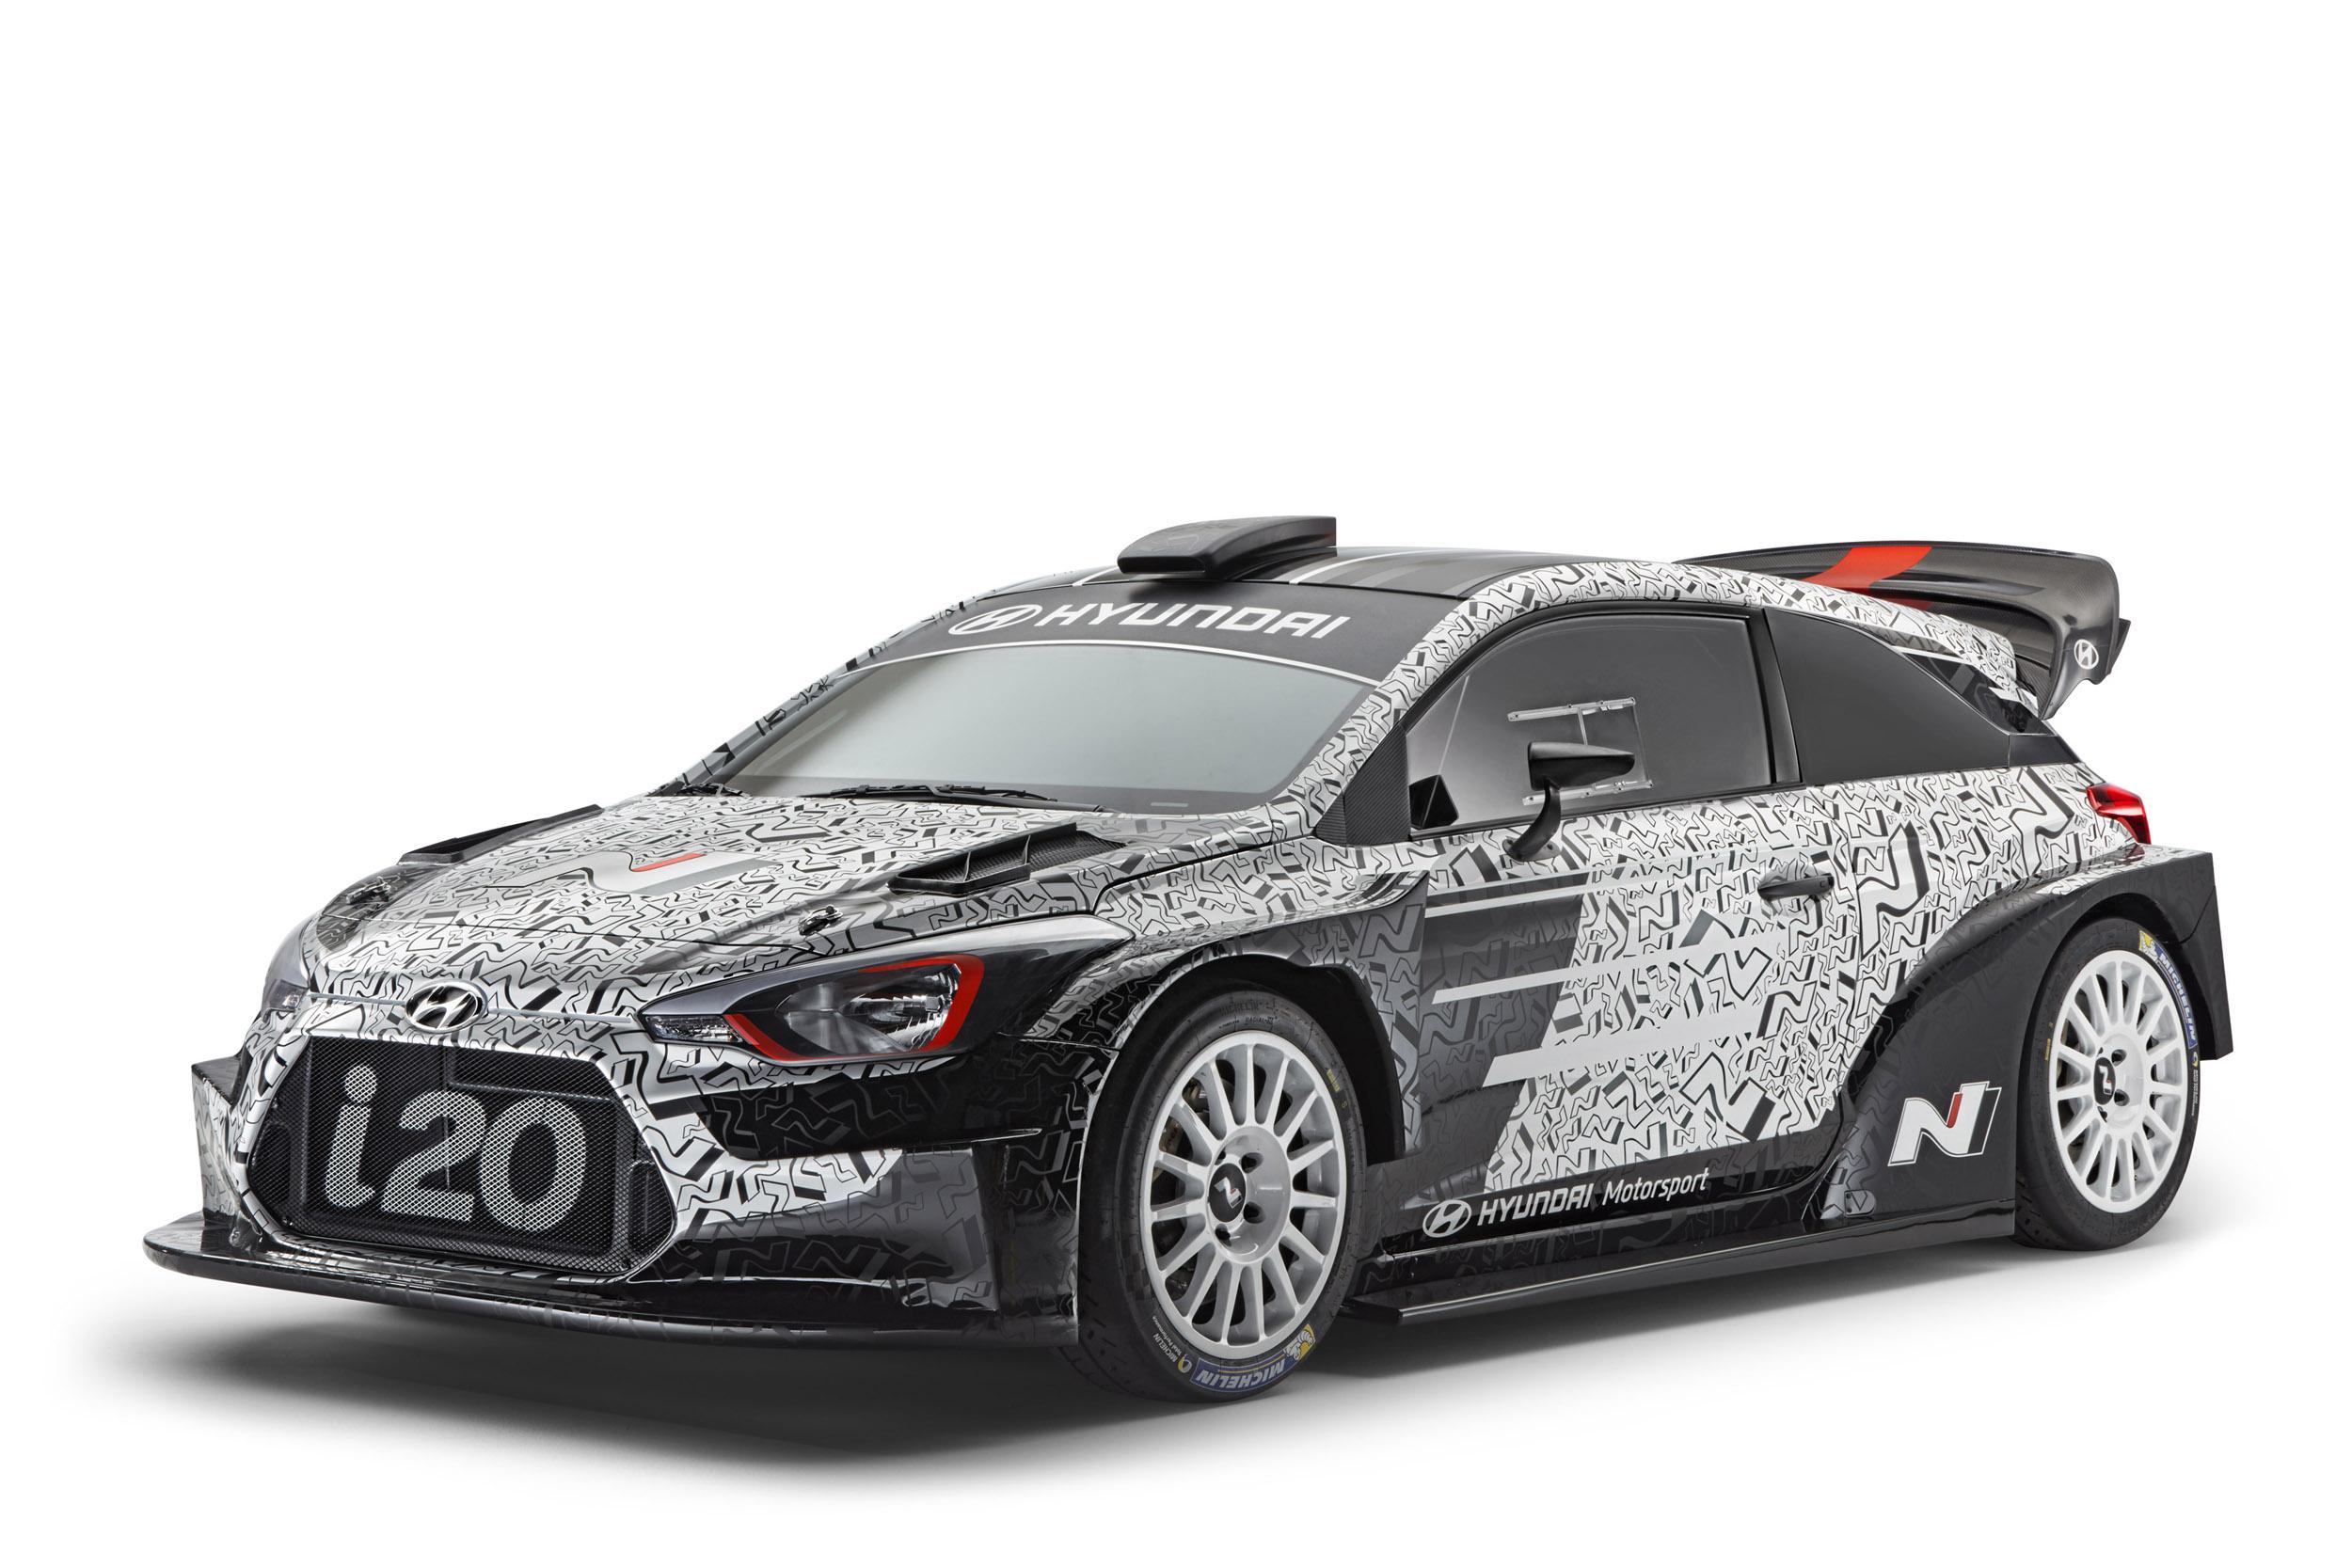 Hyundai Motorsport presenteert hun preview op de nieuwe 2017 i20WRC op de Paris Motor Show